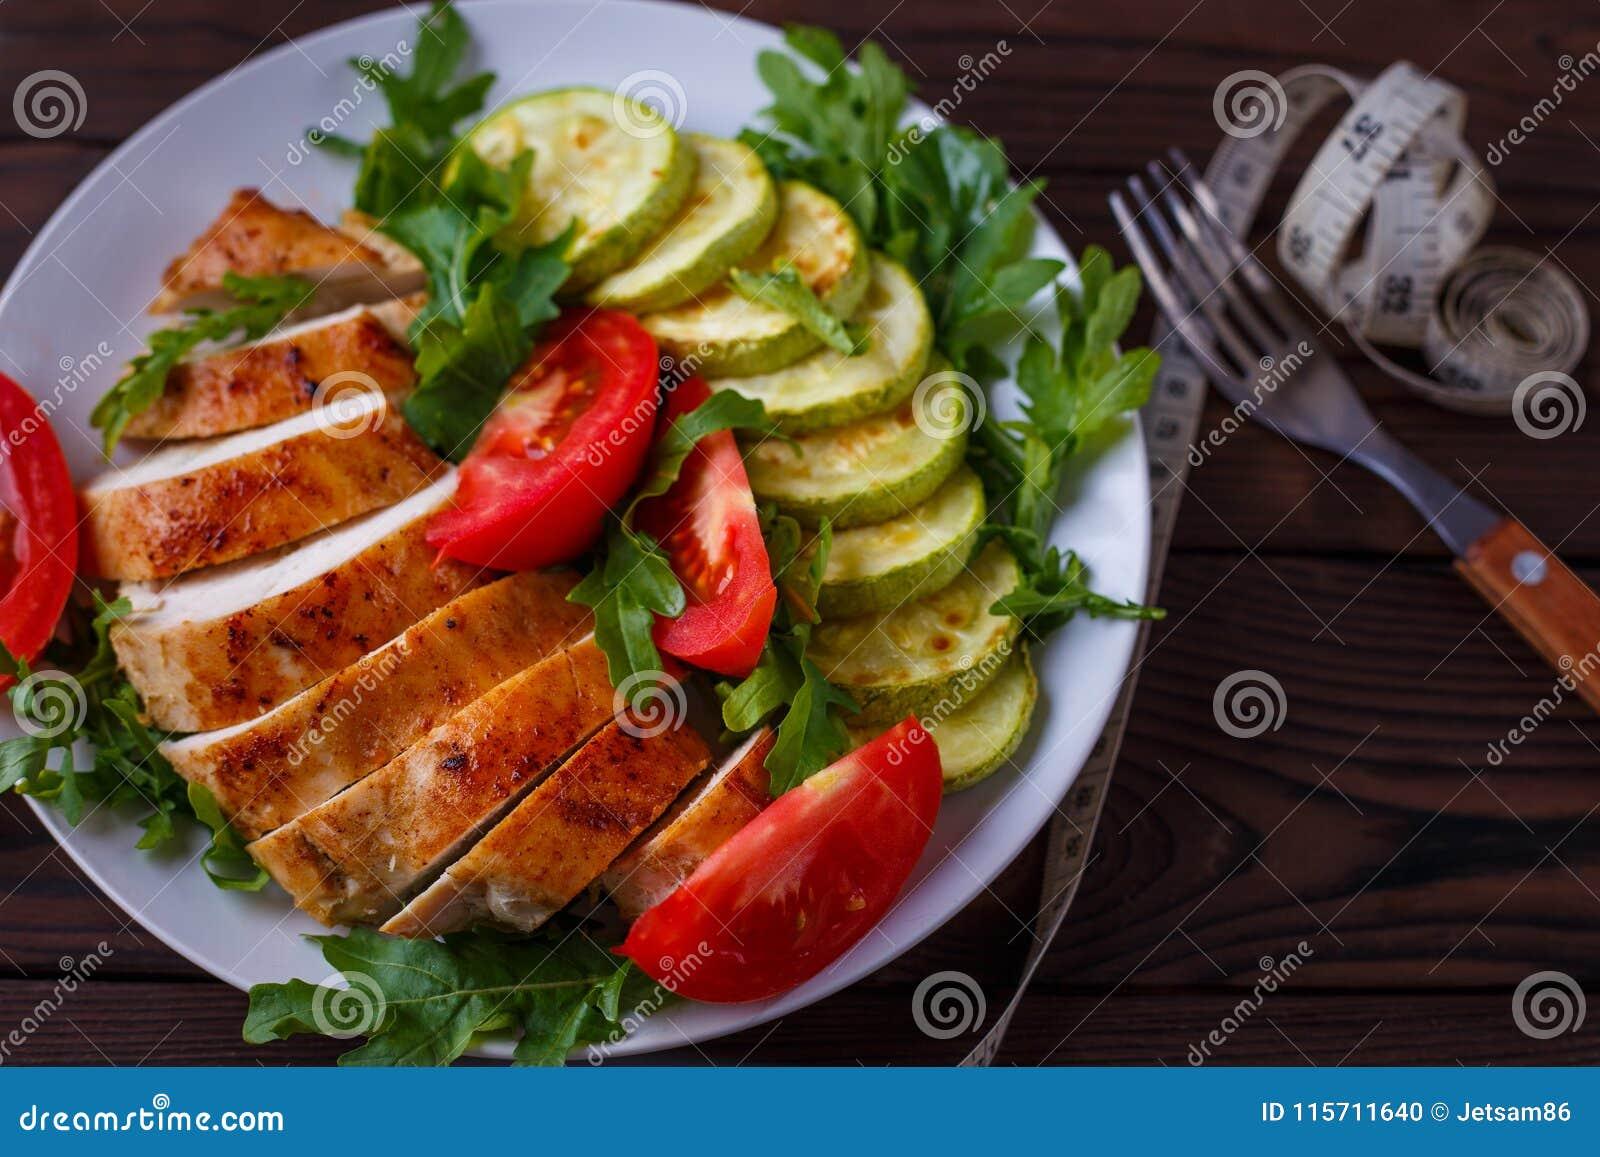 Adiete el concepto, forma de vida sana, comida baja en calorías Chicke cocido